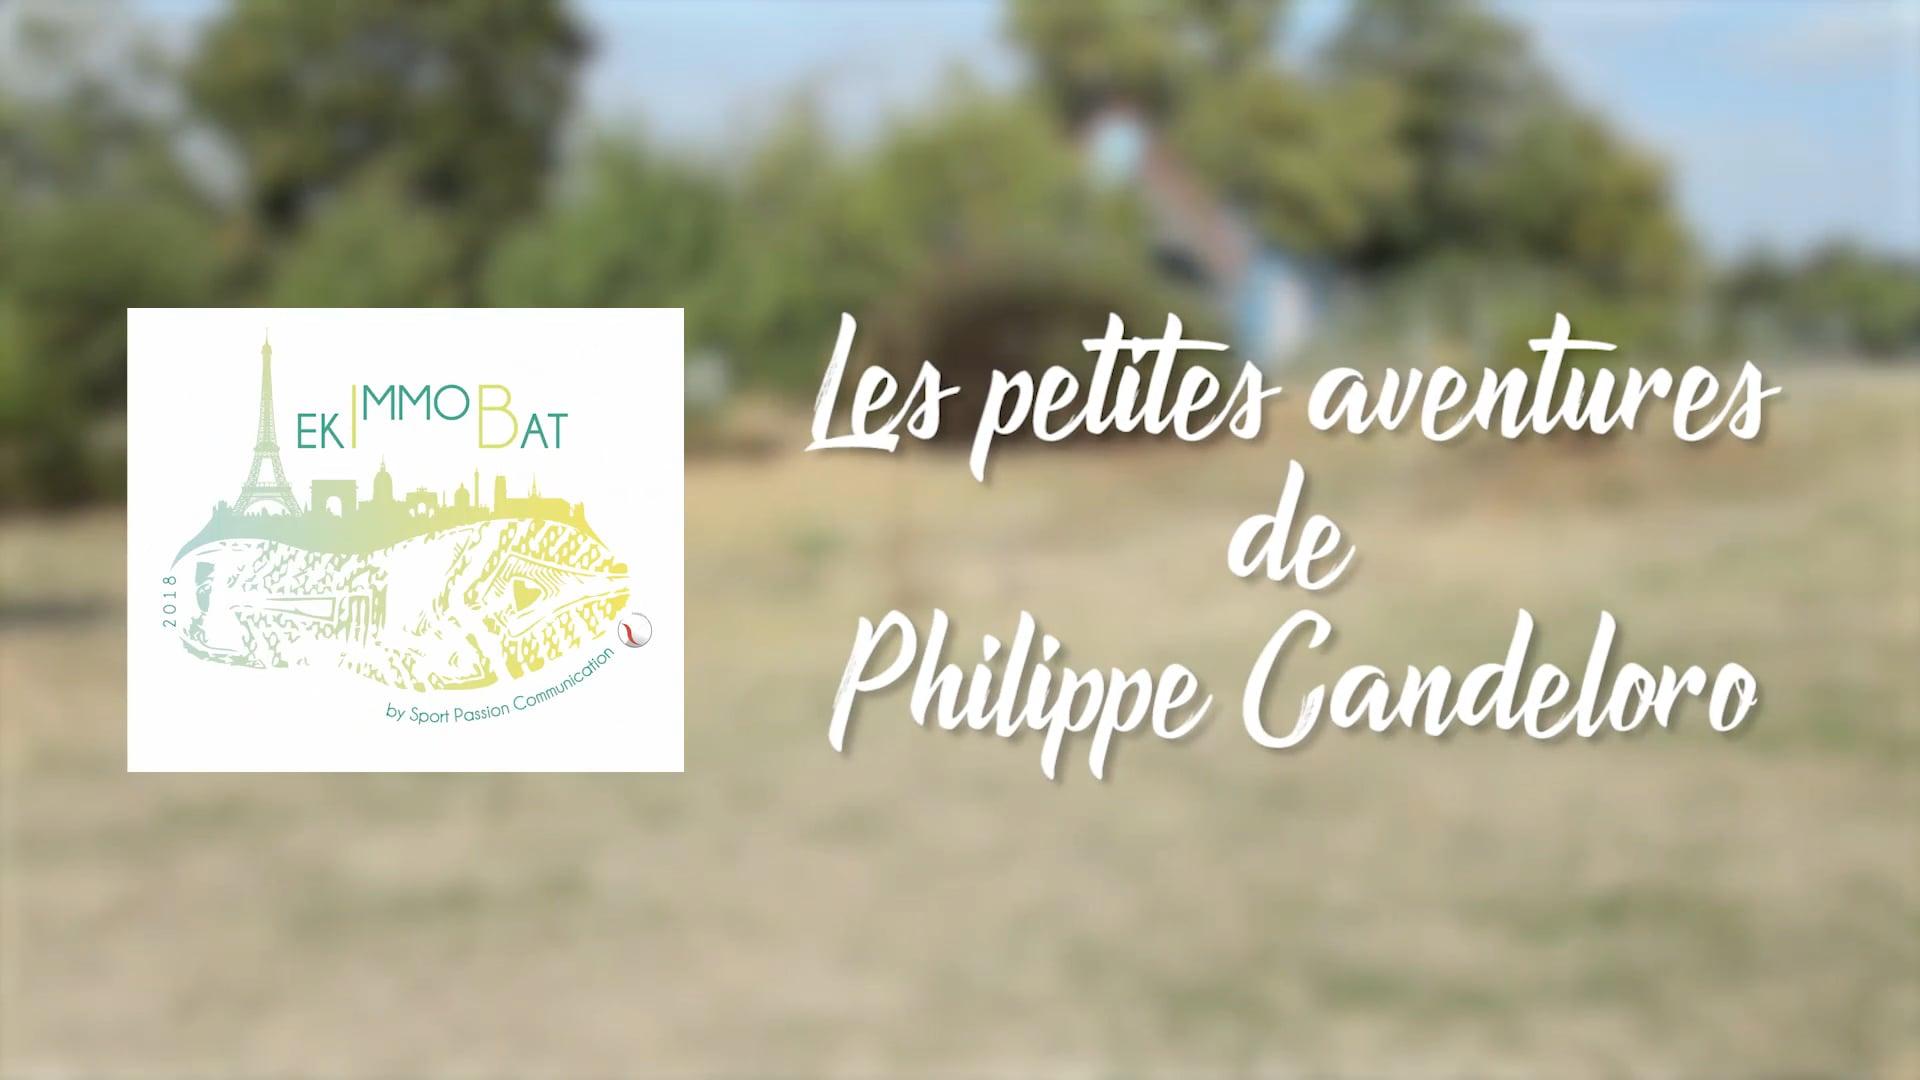 Les petites aventures de Philippe Candeloro. EPISODE 1